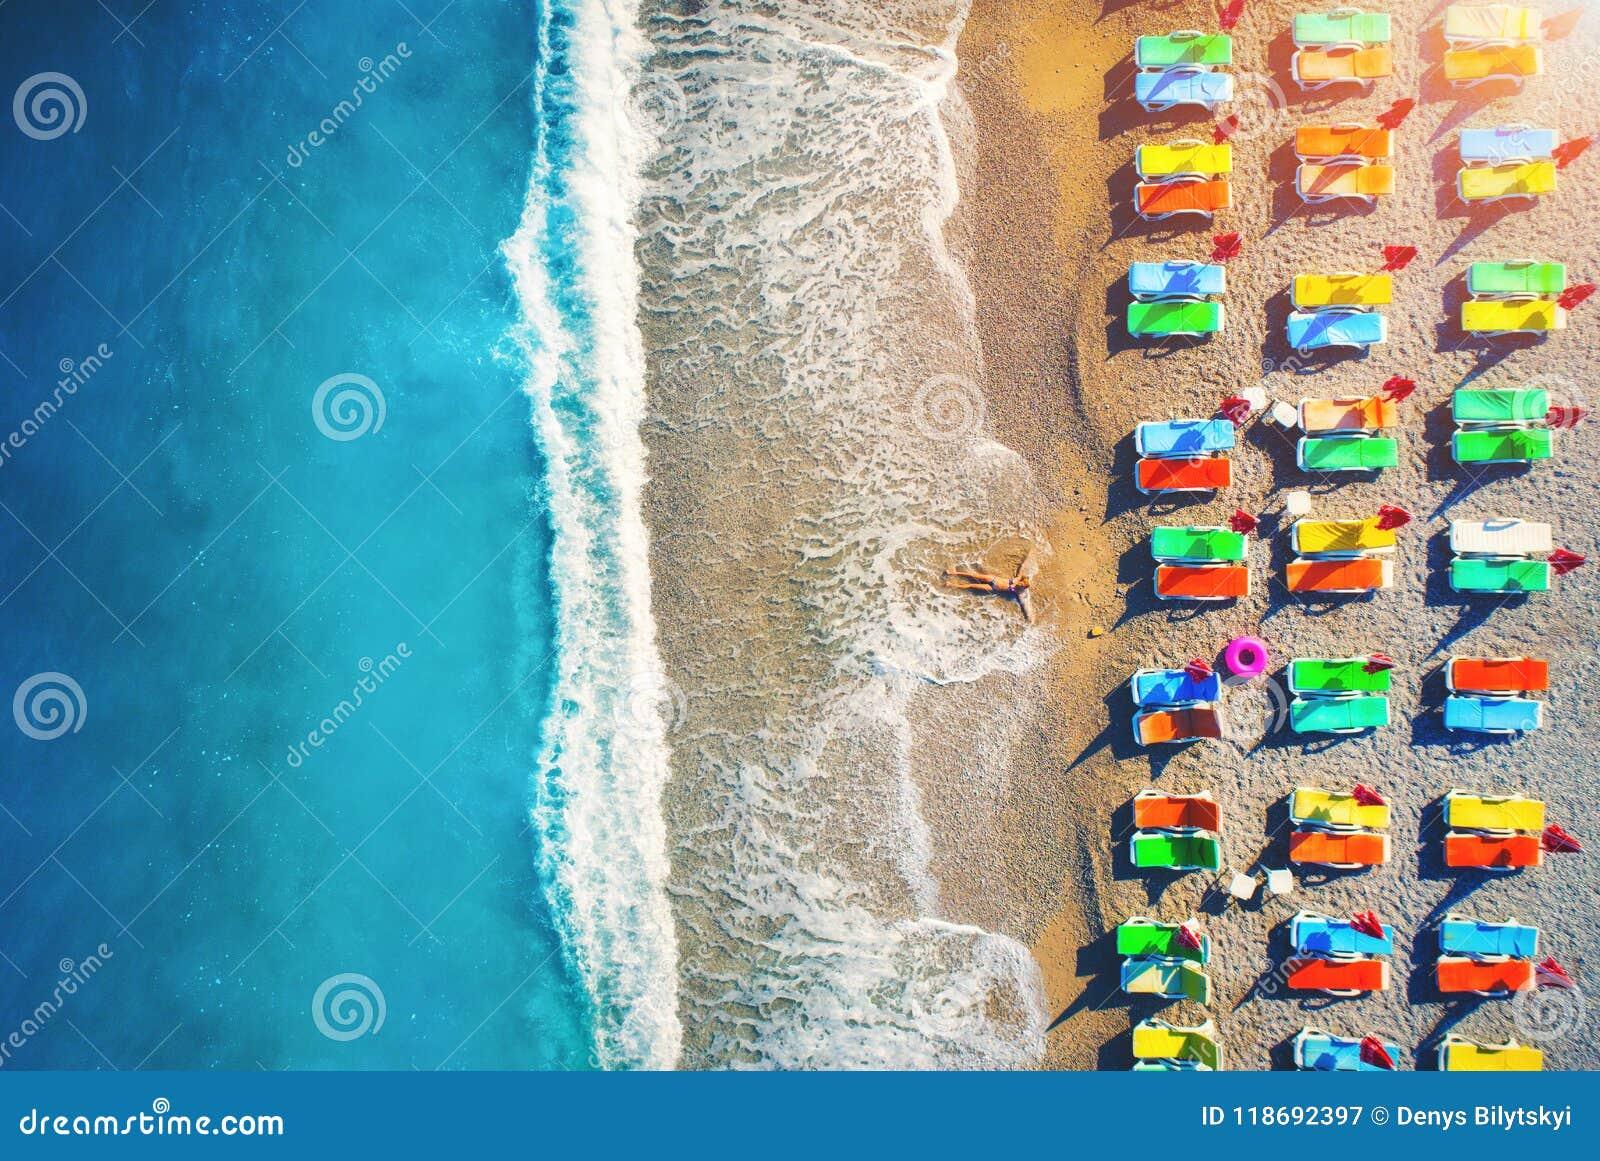 Widok z lotu ptaka łgarska kobieta na plaży z kolorowymi holami